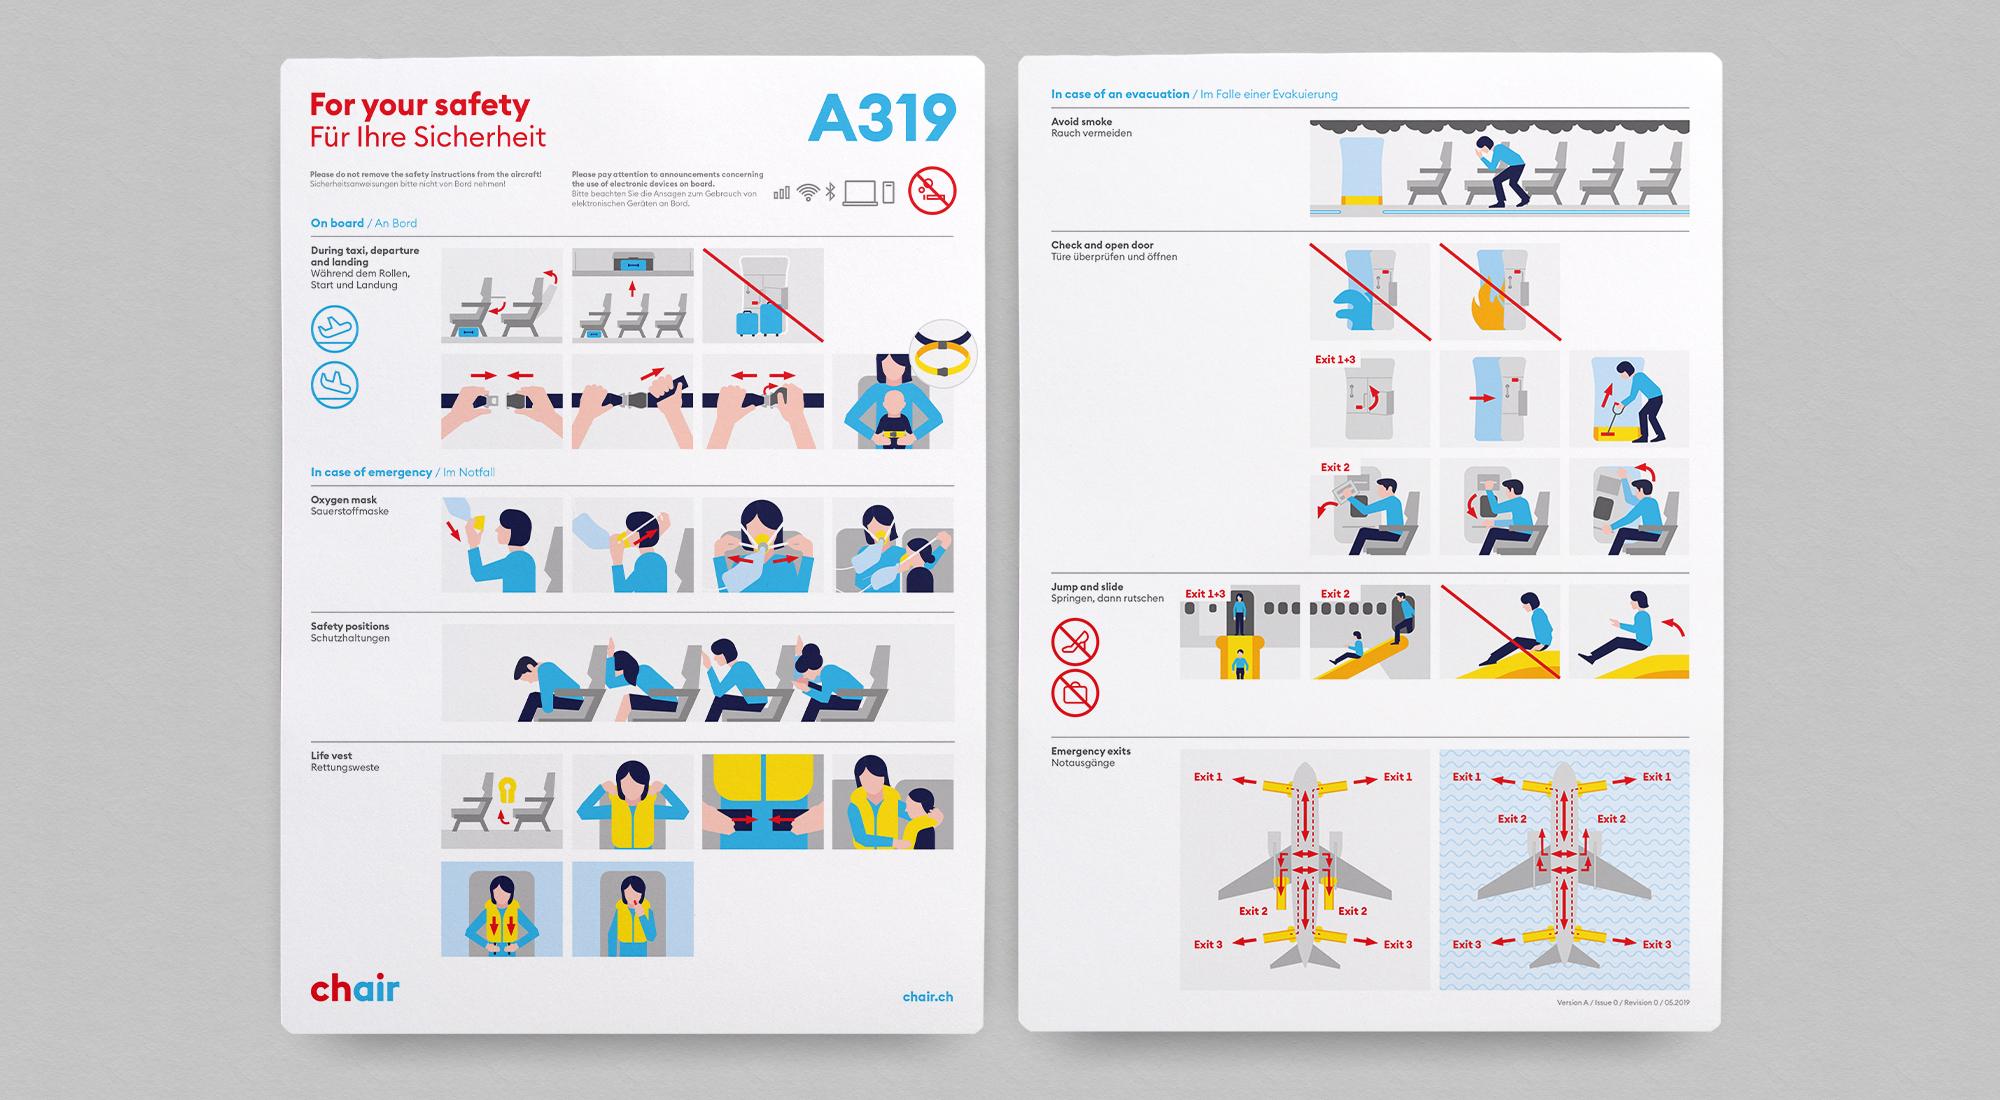 Neues Design der Safety Cards mit komplett neuen Illustrationen